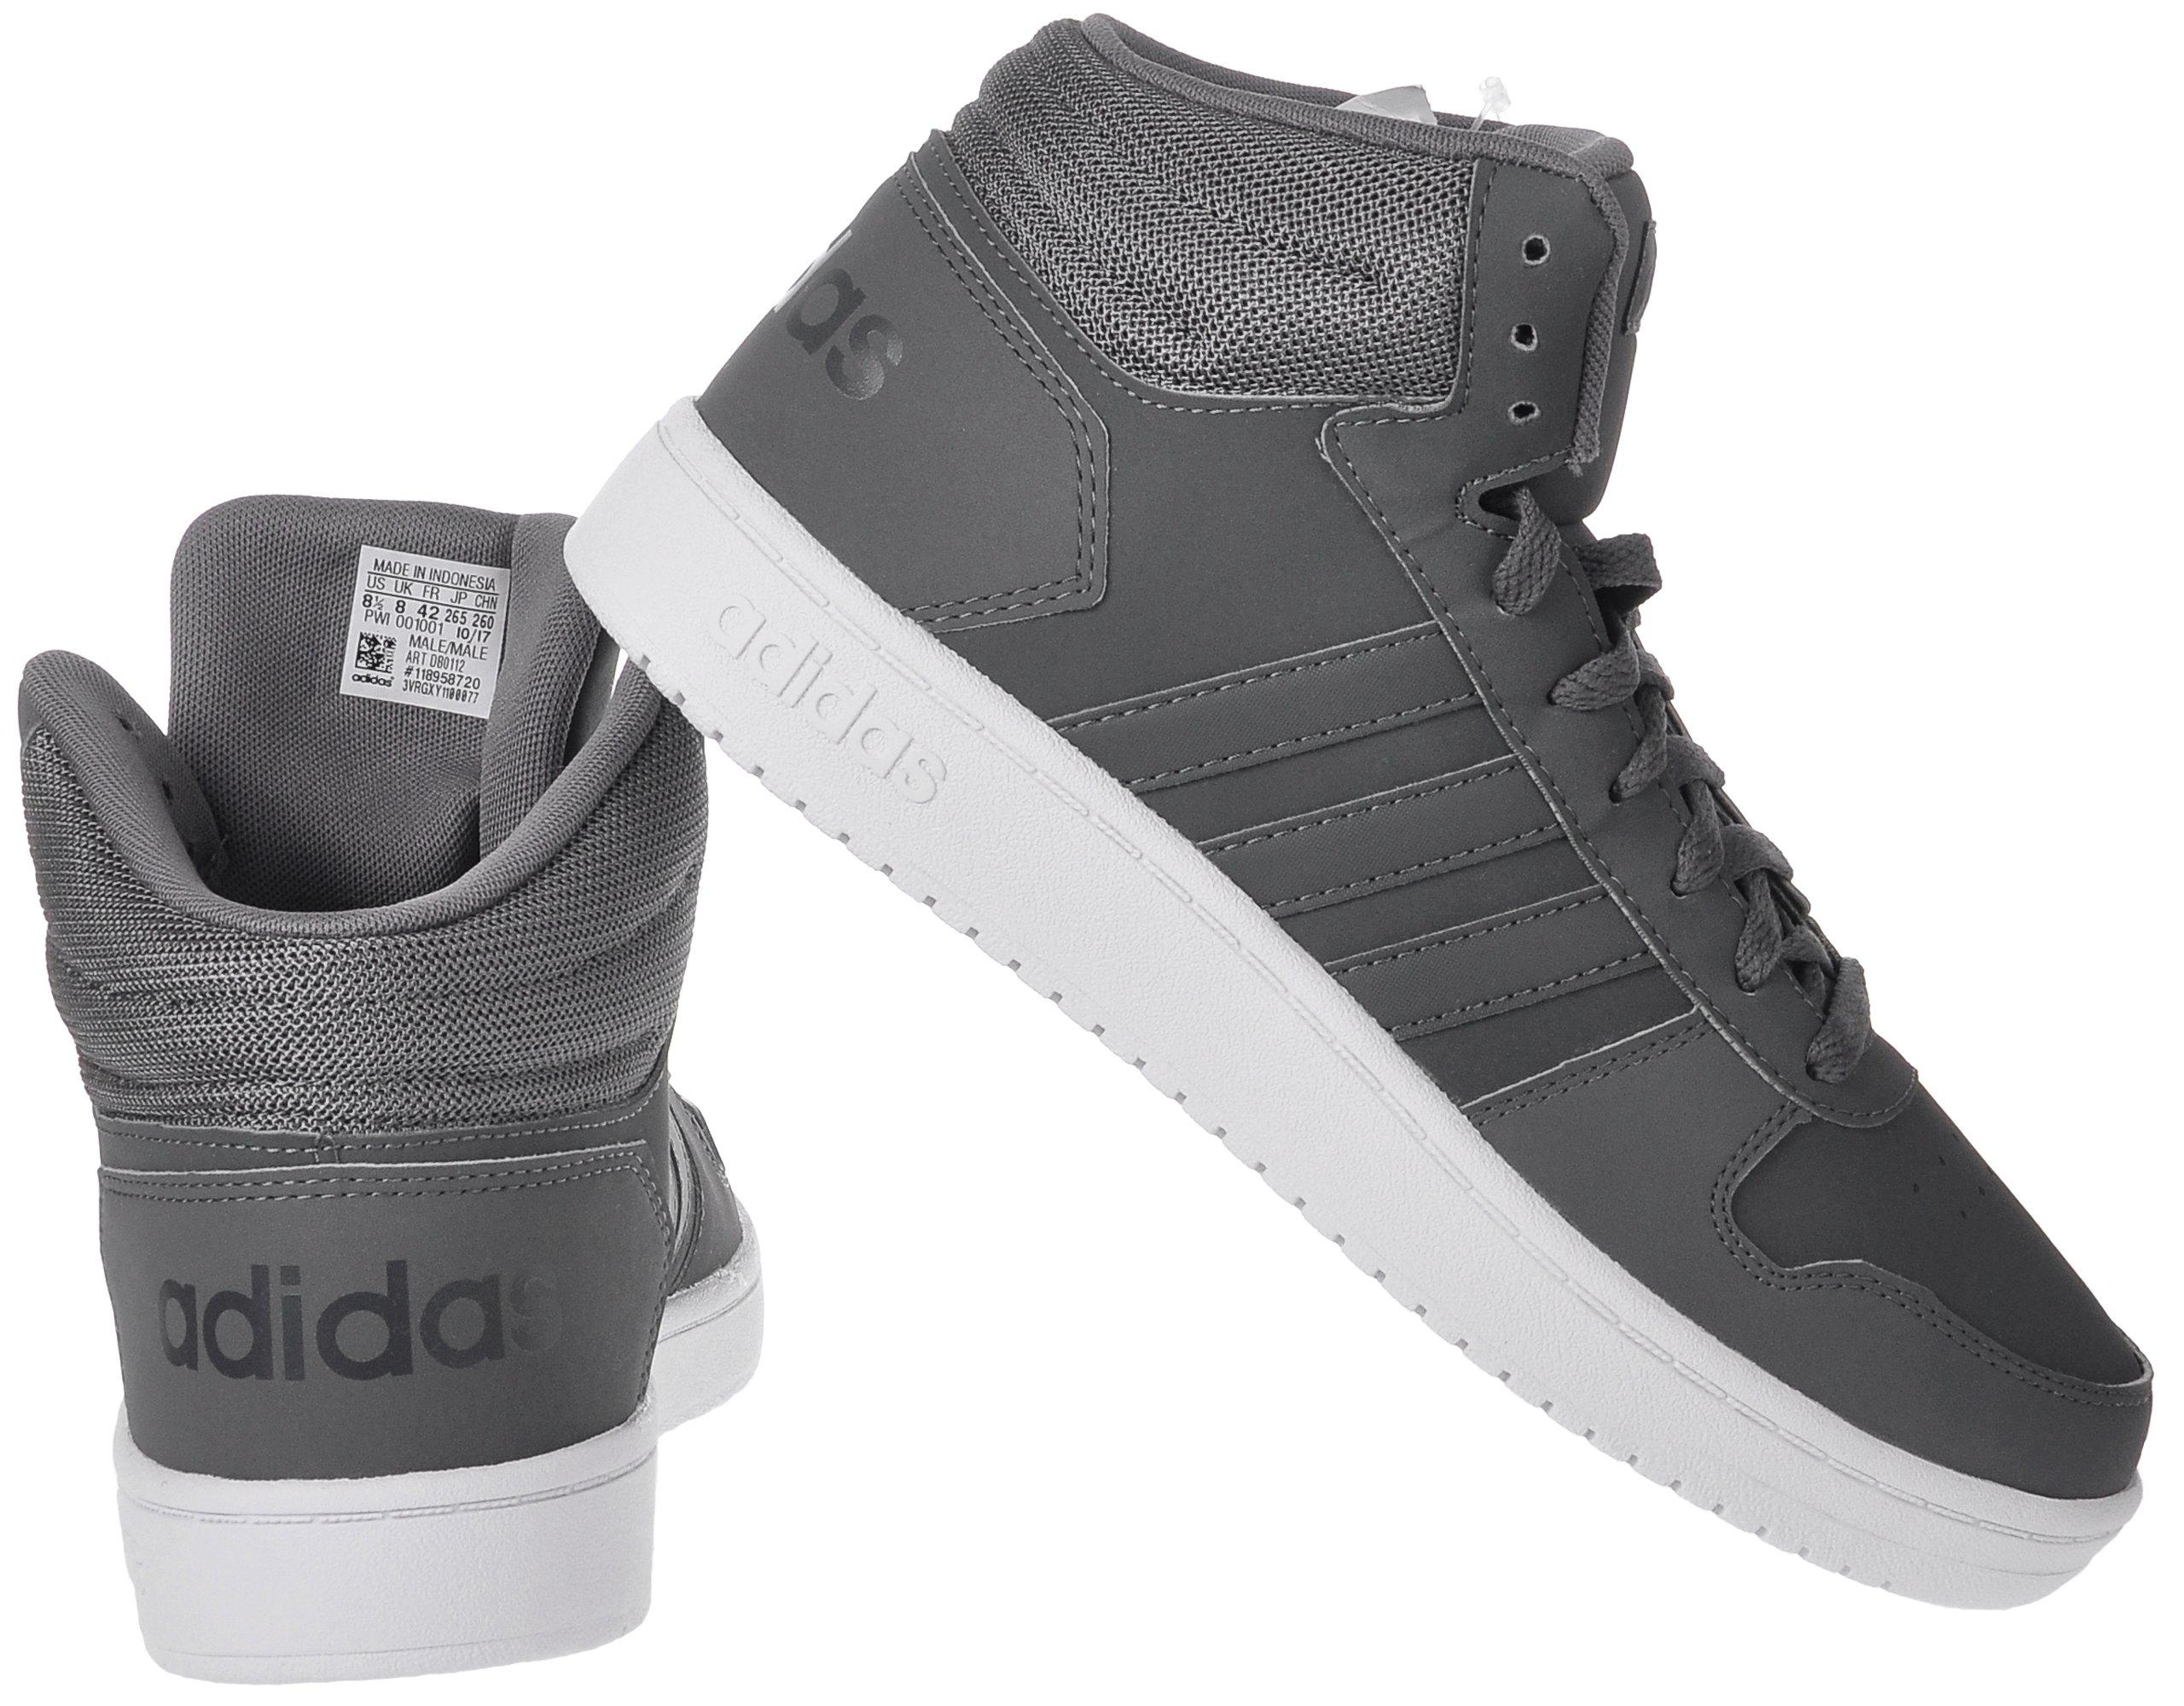 buty adidas hoops 2.0 mid b44613 allegro